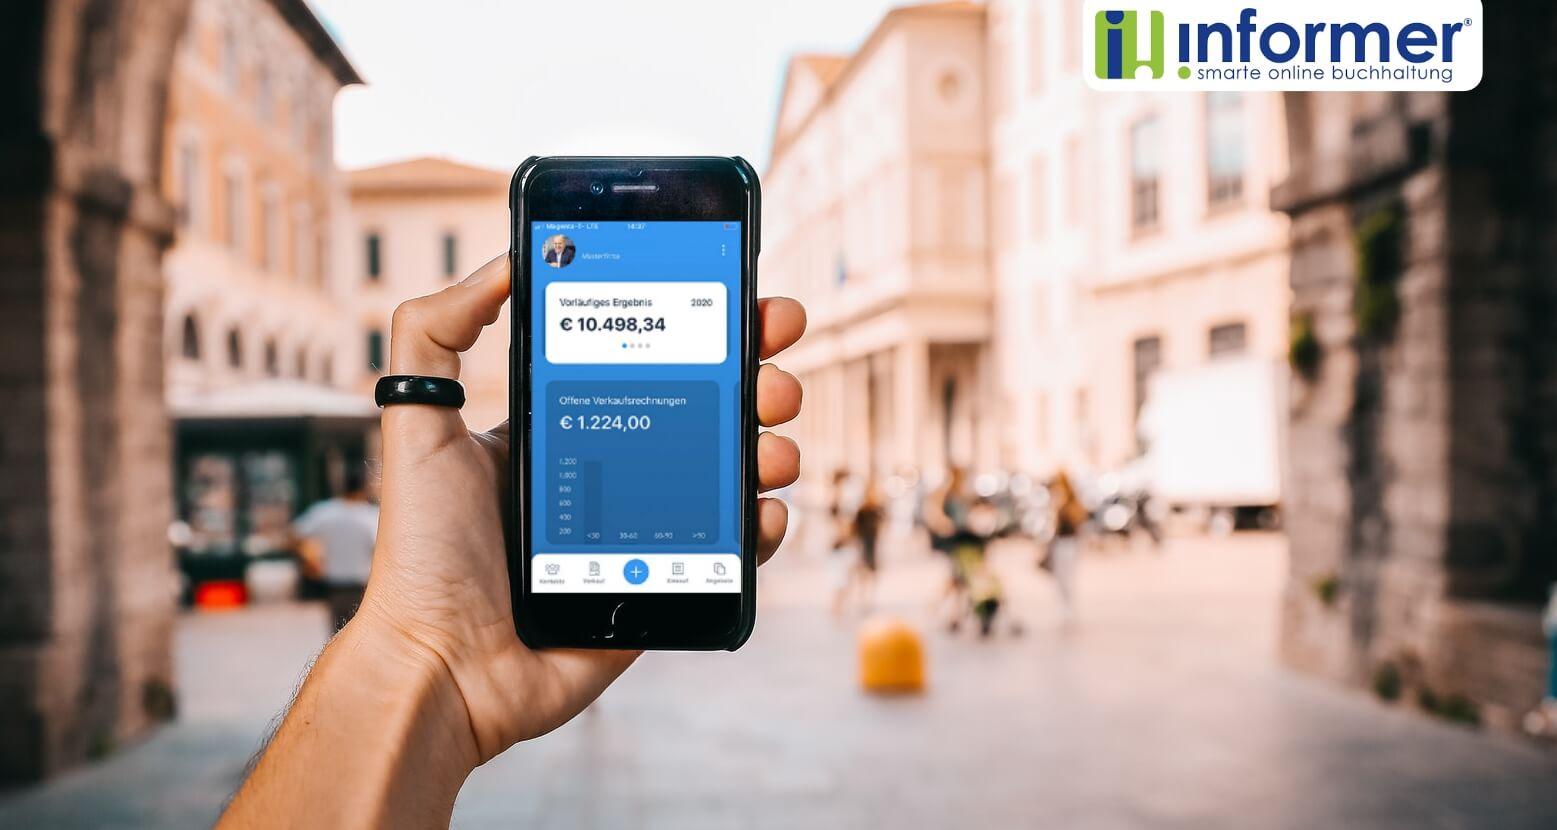 Überall einsicht mit der InformerOnline App